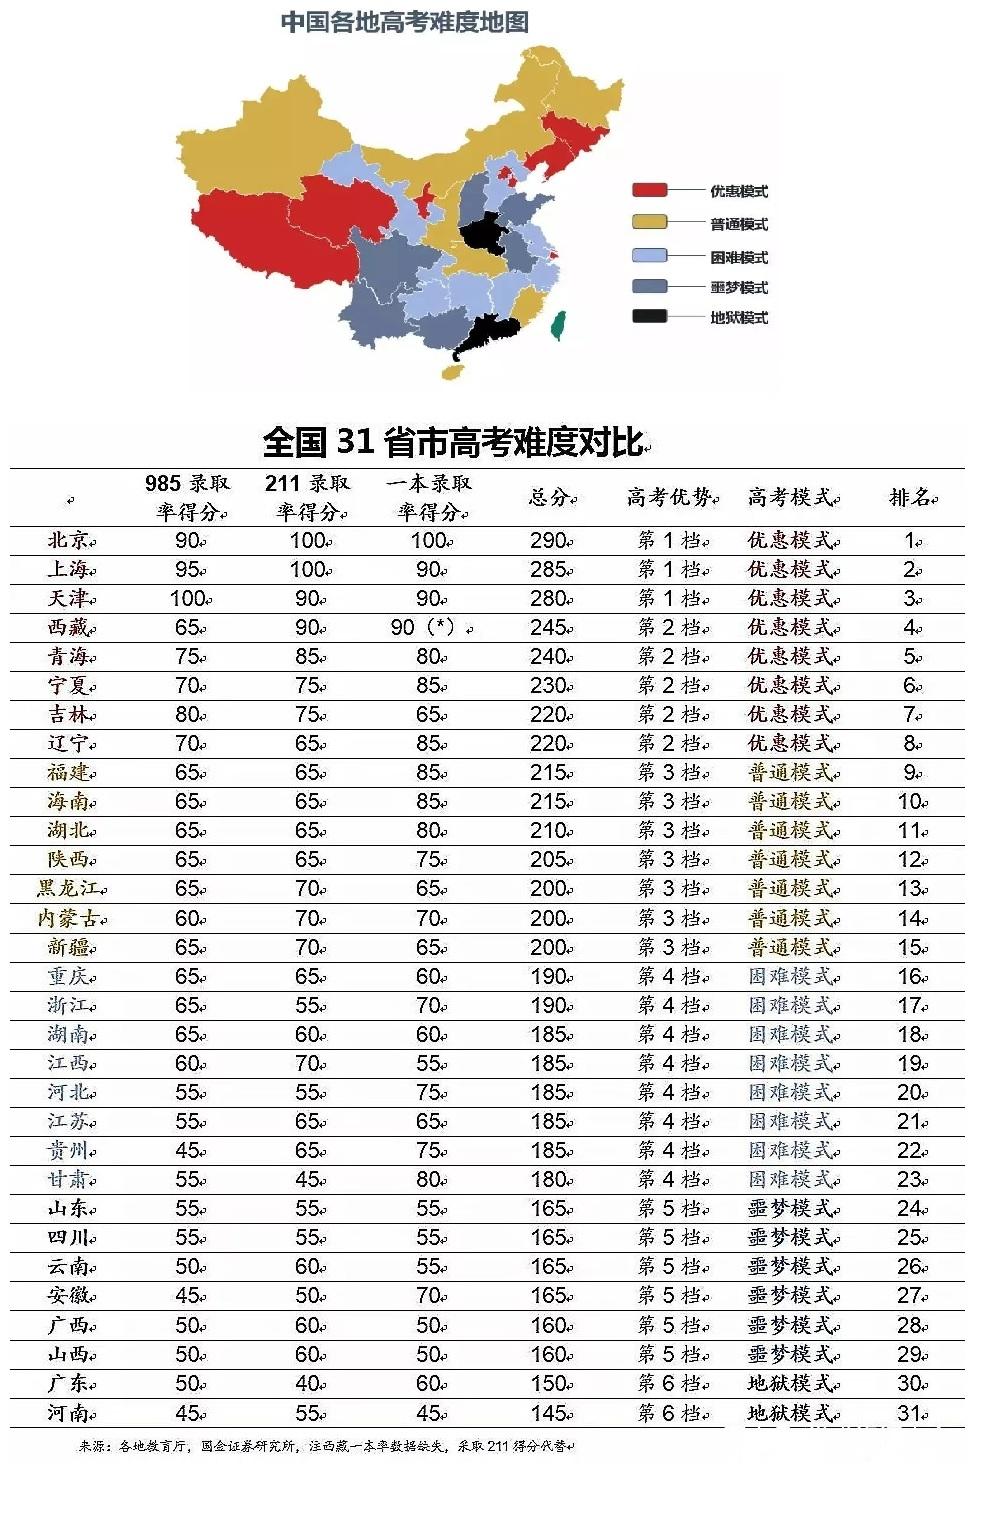 高考地图.jpg